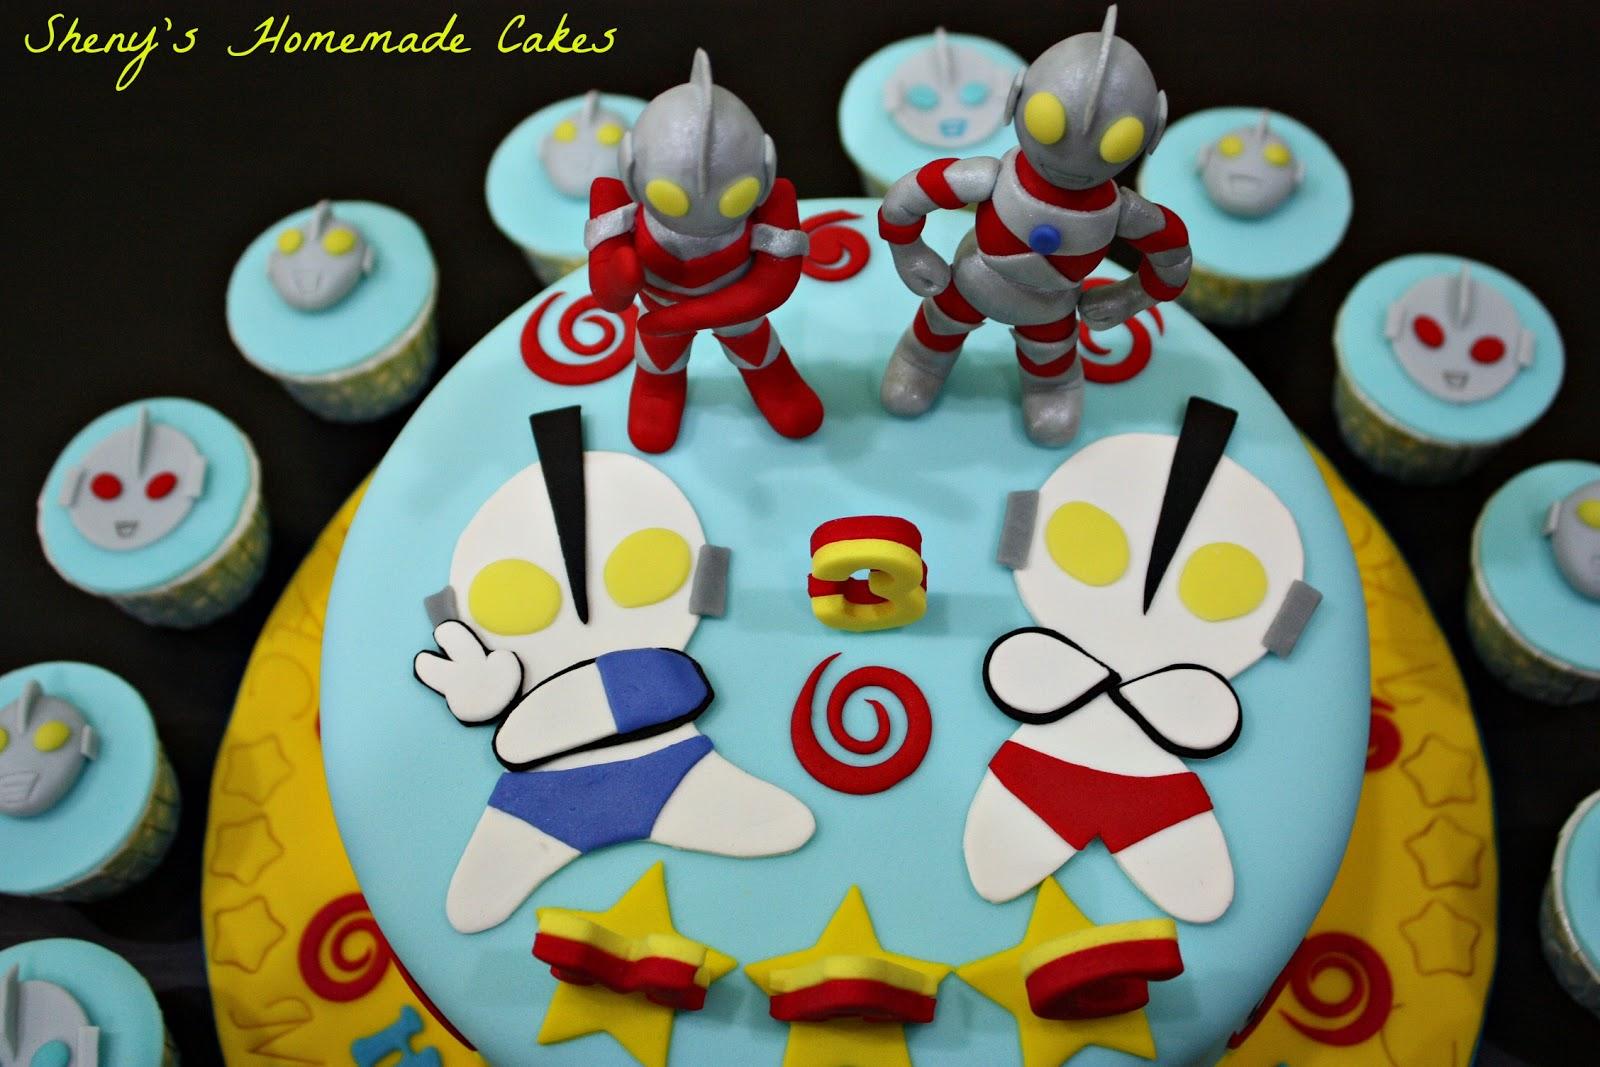 Sheny s Homemade Treats: Ultraman Themed Cake and Cupcakes